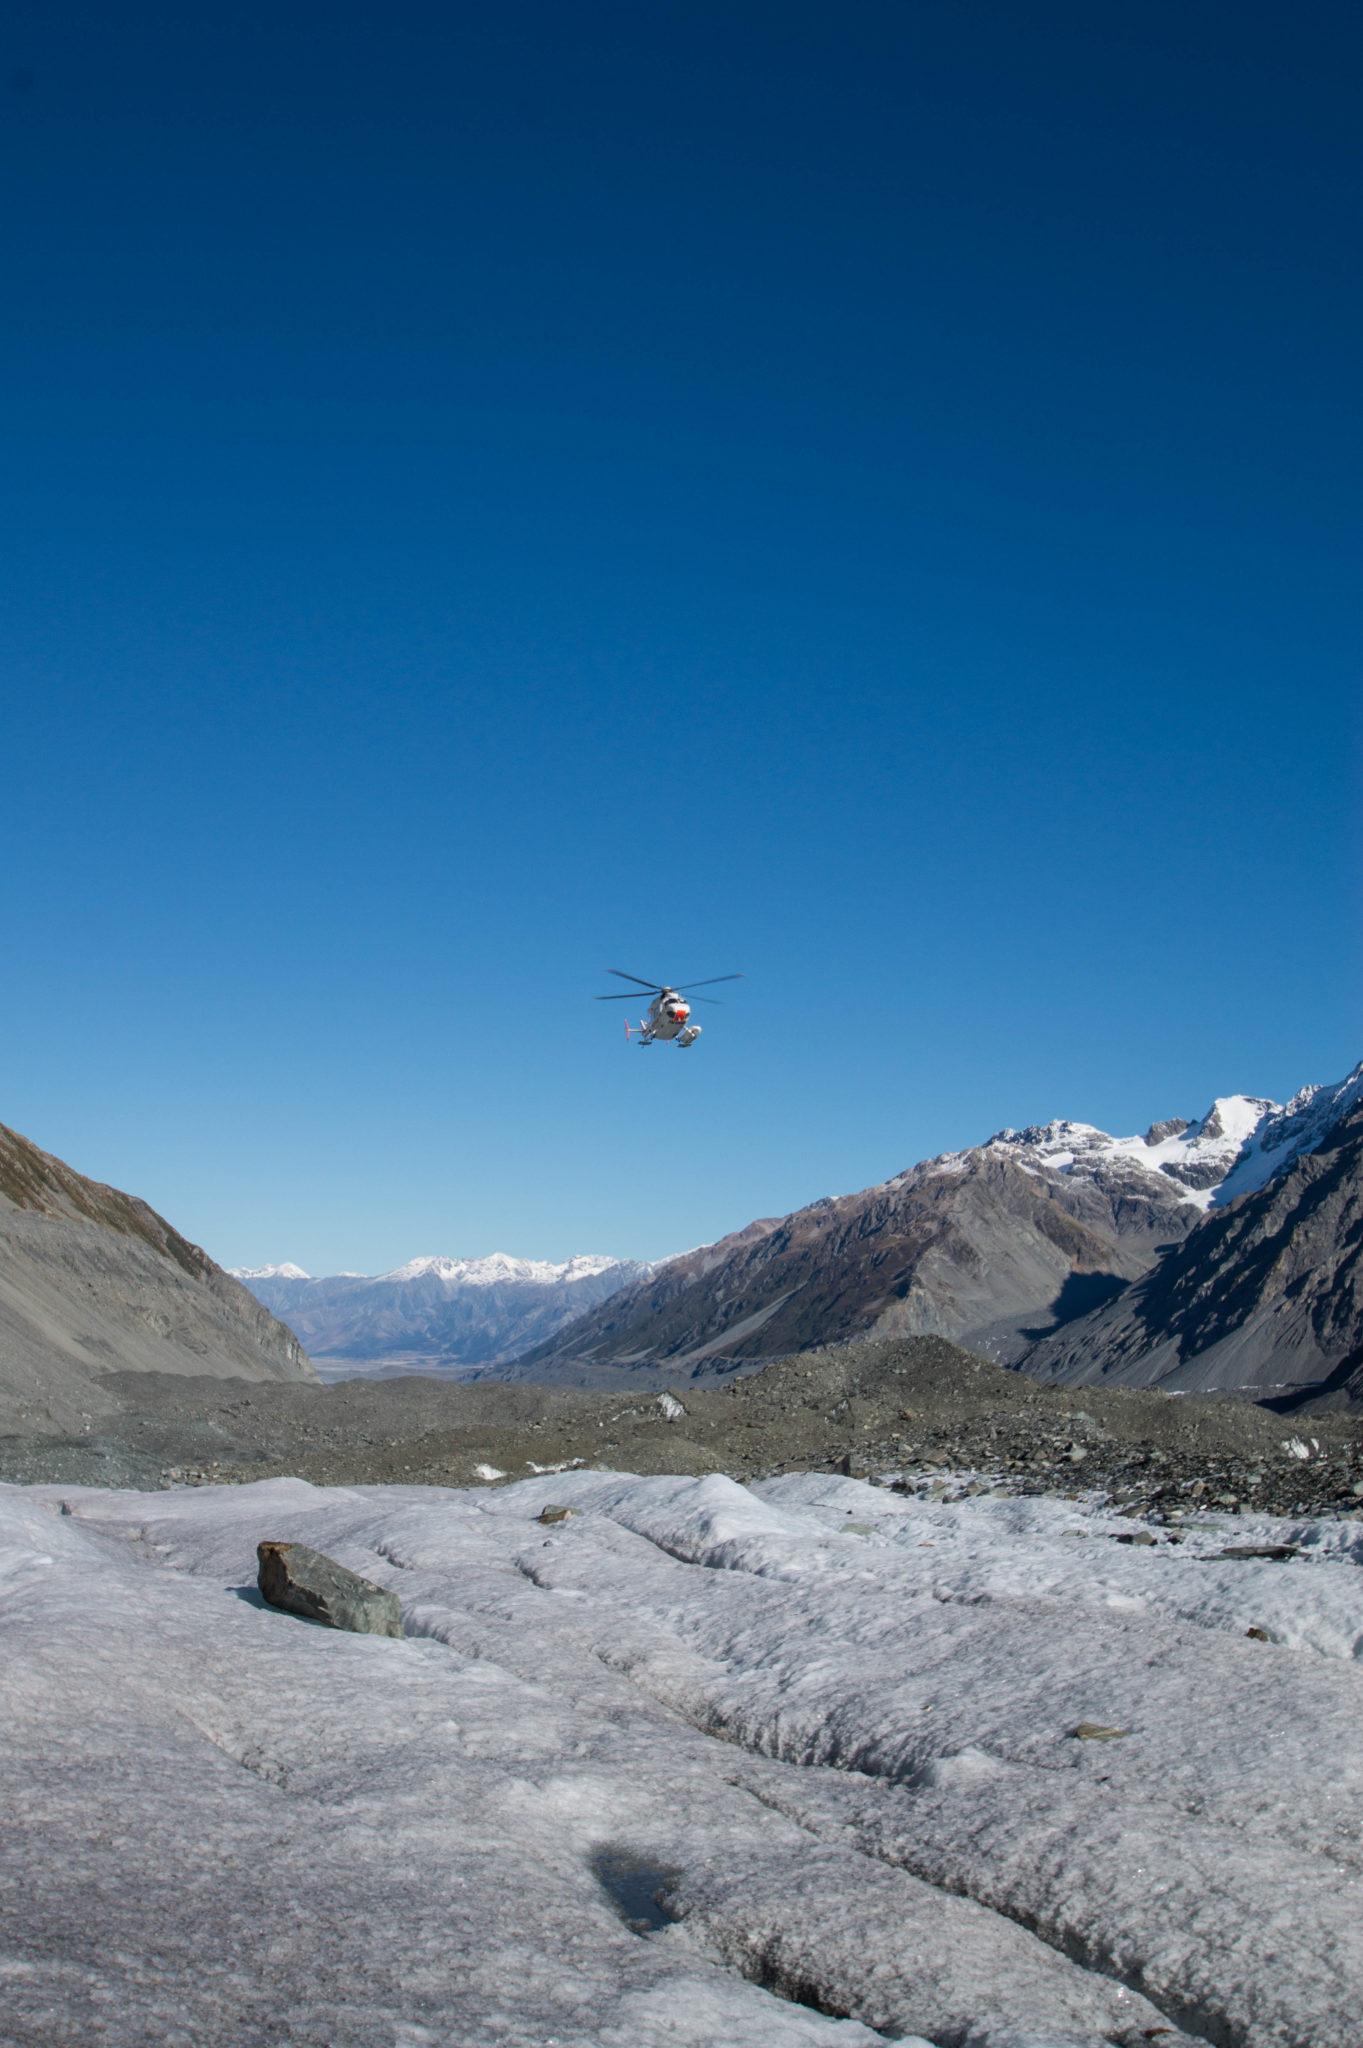 Der Hubrschauber fliegt zum Mount Cook